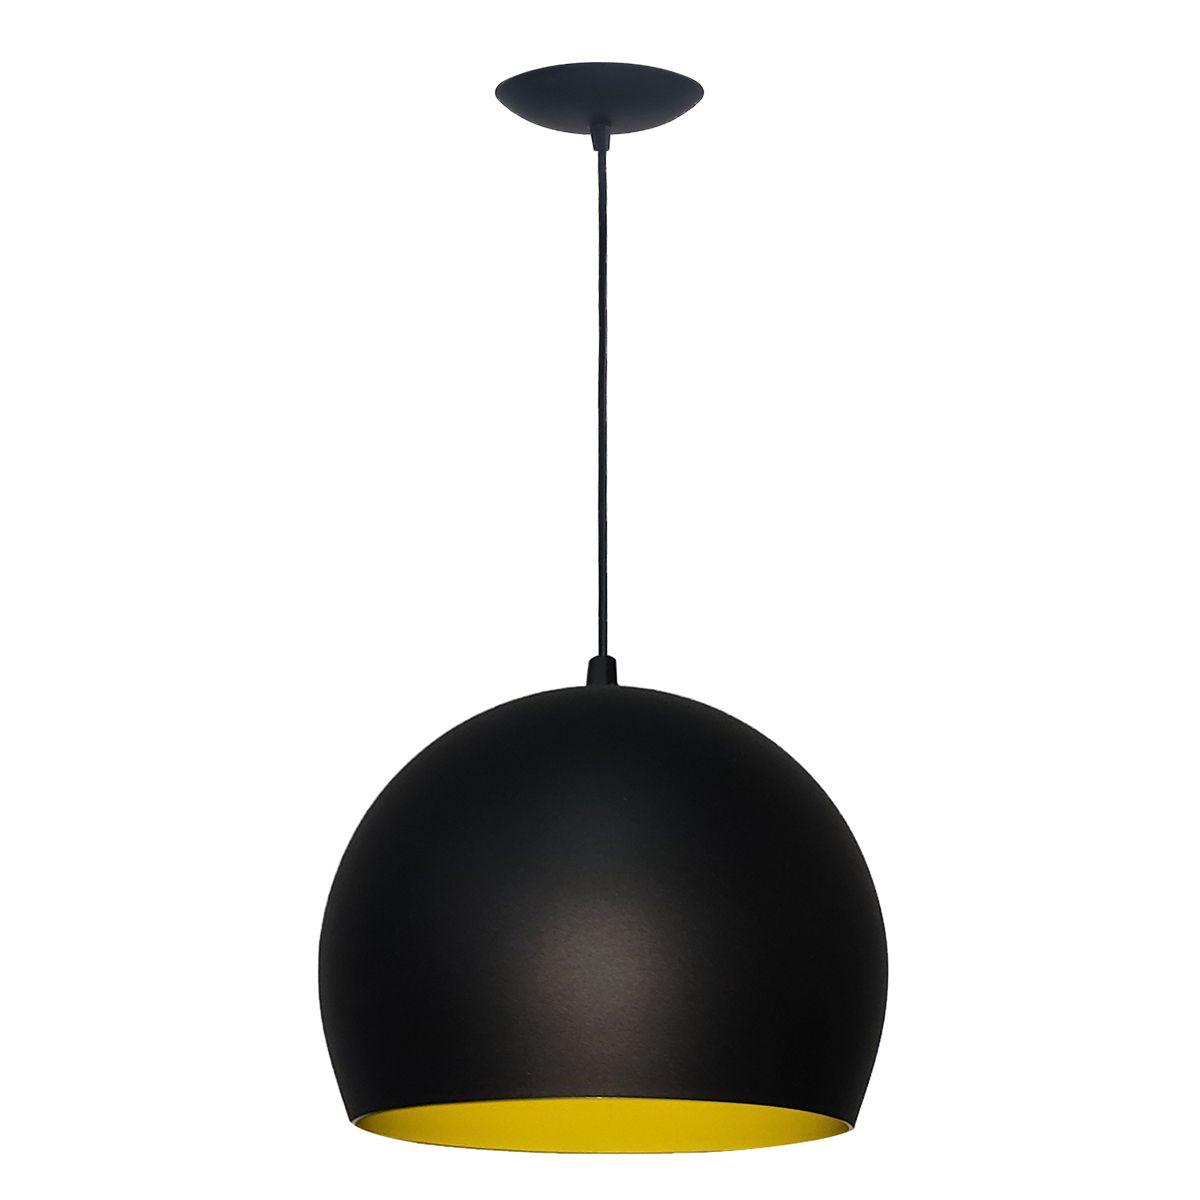 Luminária Decorativa Bola P Preto/Amarelo com Pendente